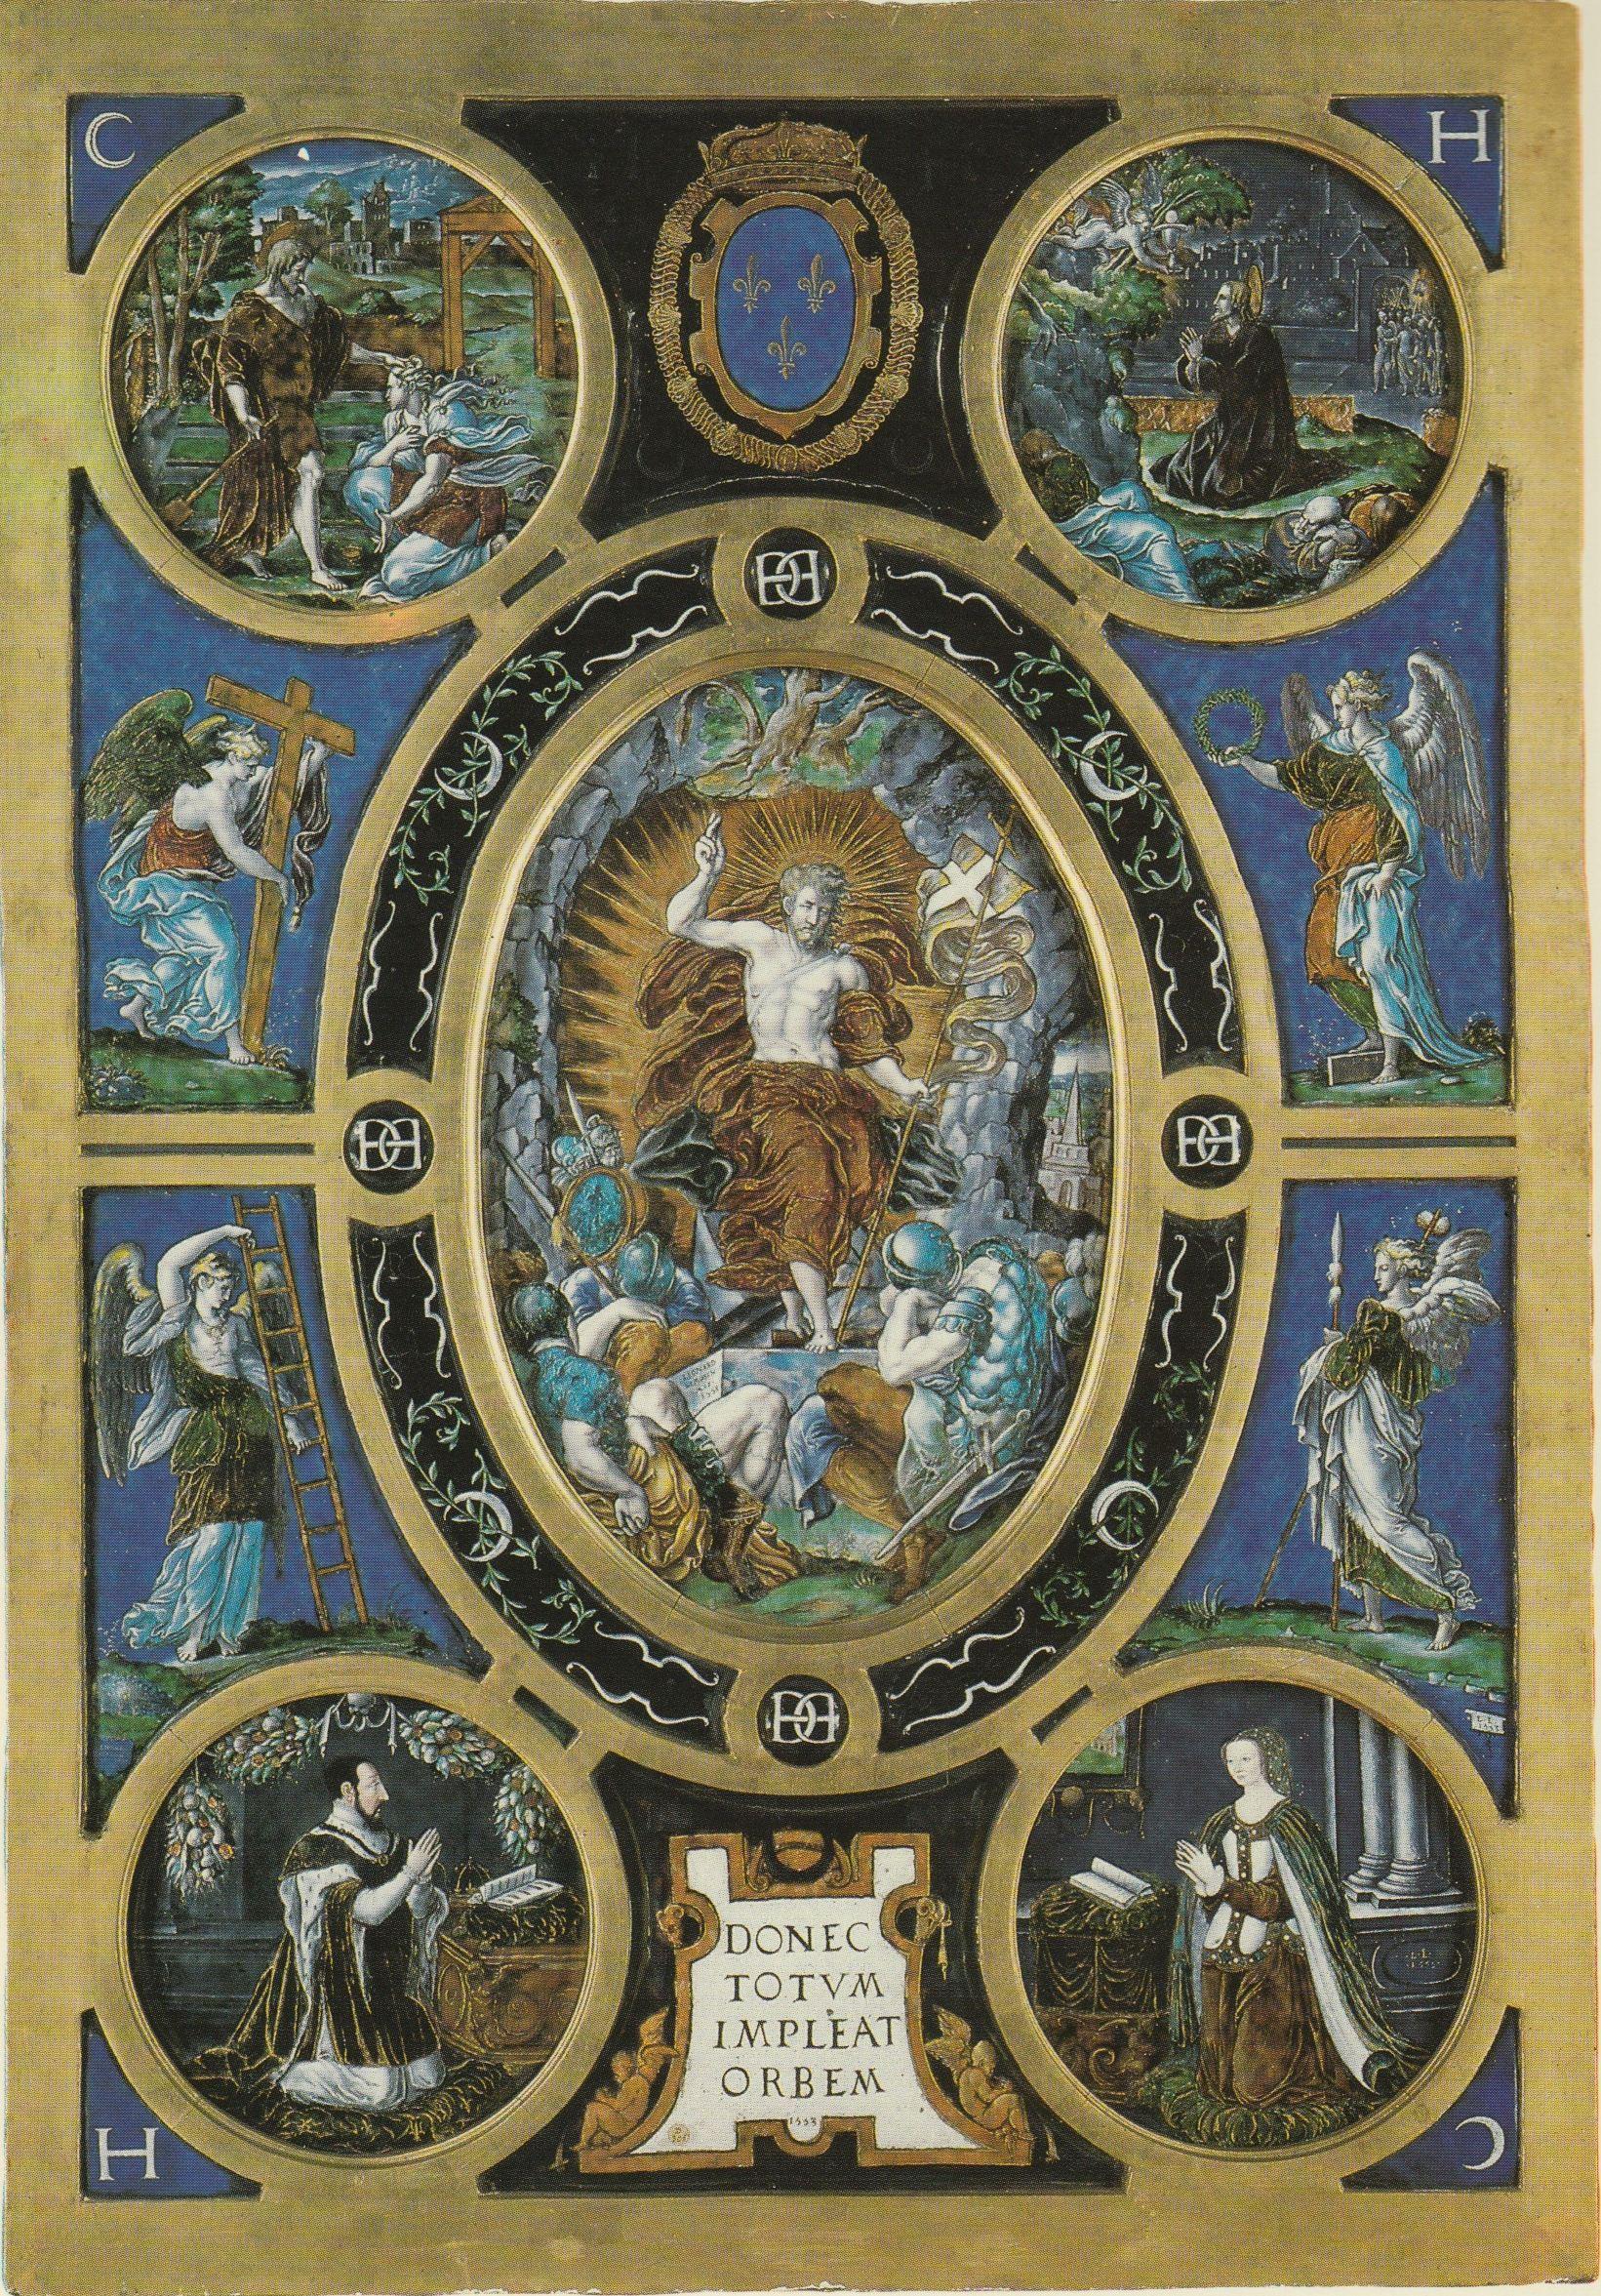 Léonard Limosin, d'après Niccolò dell'Abbate, La Résurrection du Christ, Retable de la Sainte-Chapelle, 1552-53, émaux peints sur cuivre, cadre de bois doré, 107 x 75 cm, Paris, musée du Louvre © Musée du Louvre